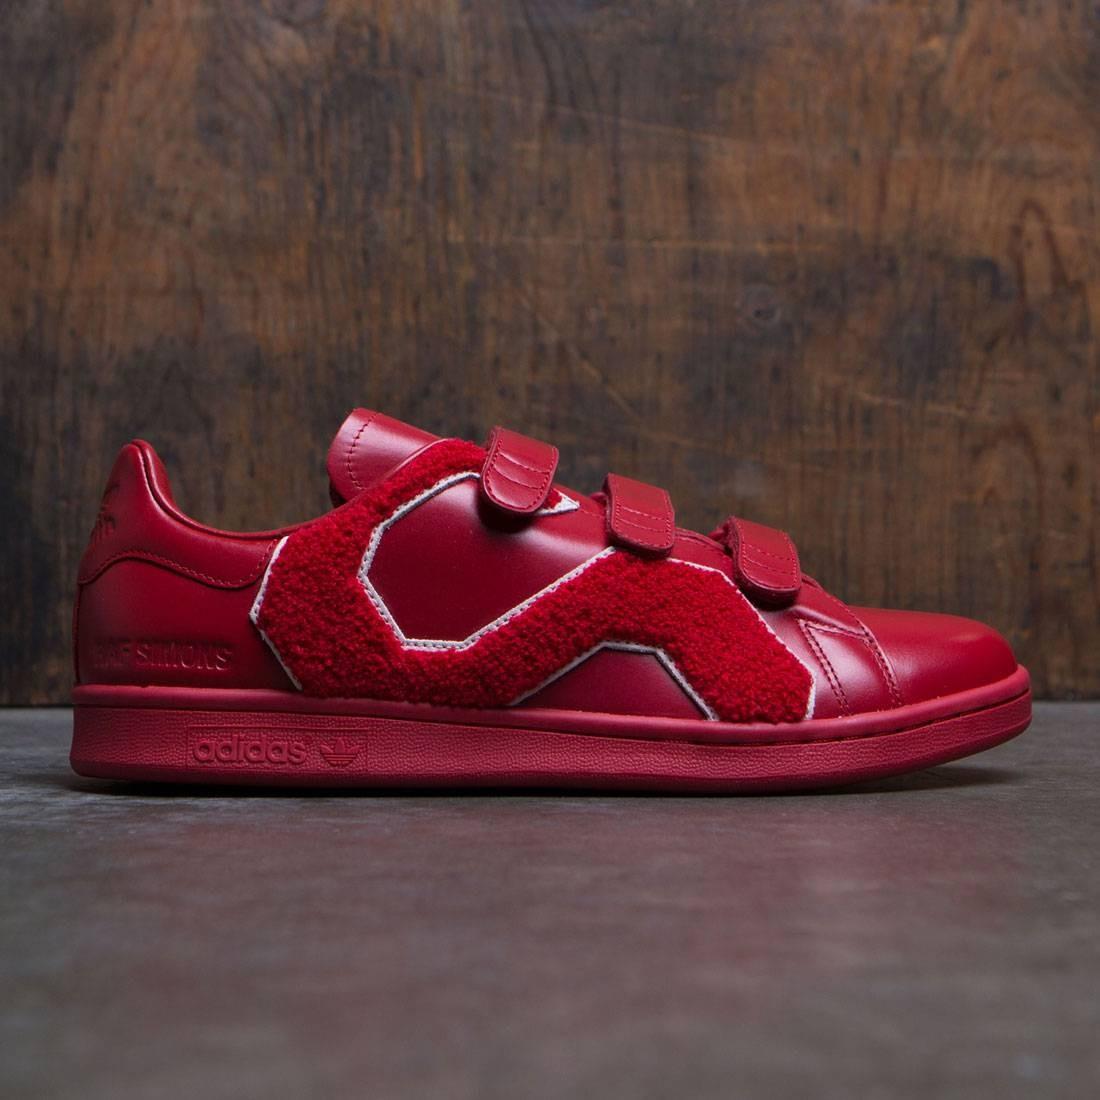 【海外限定】アディダス パワー メンズ靴 スニーカー 【 ADIDAS POWER X RAF SIMONS MEN STAN SMITH COMFORT BADGE RED 】